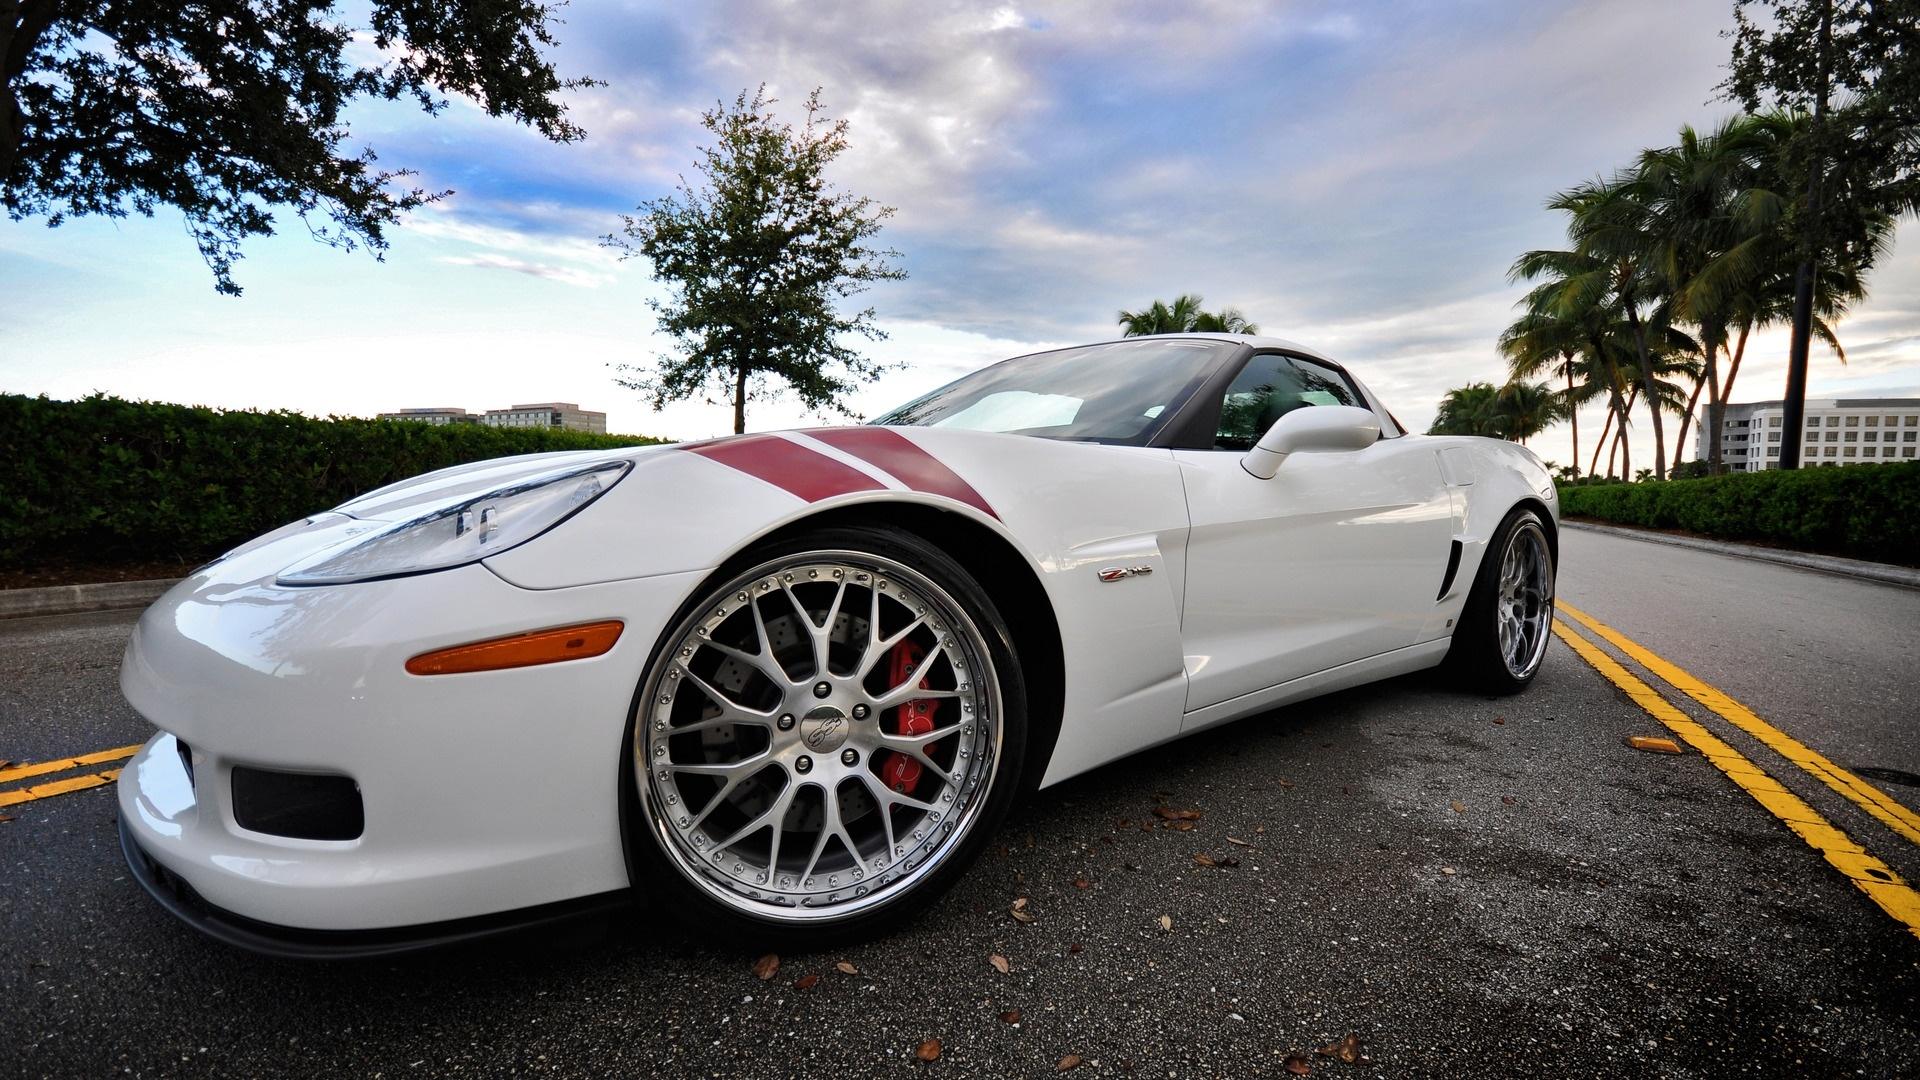 Corvette best wallpaper